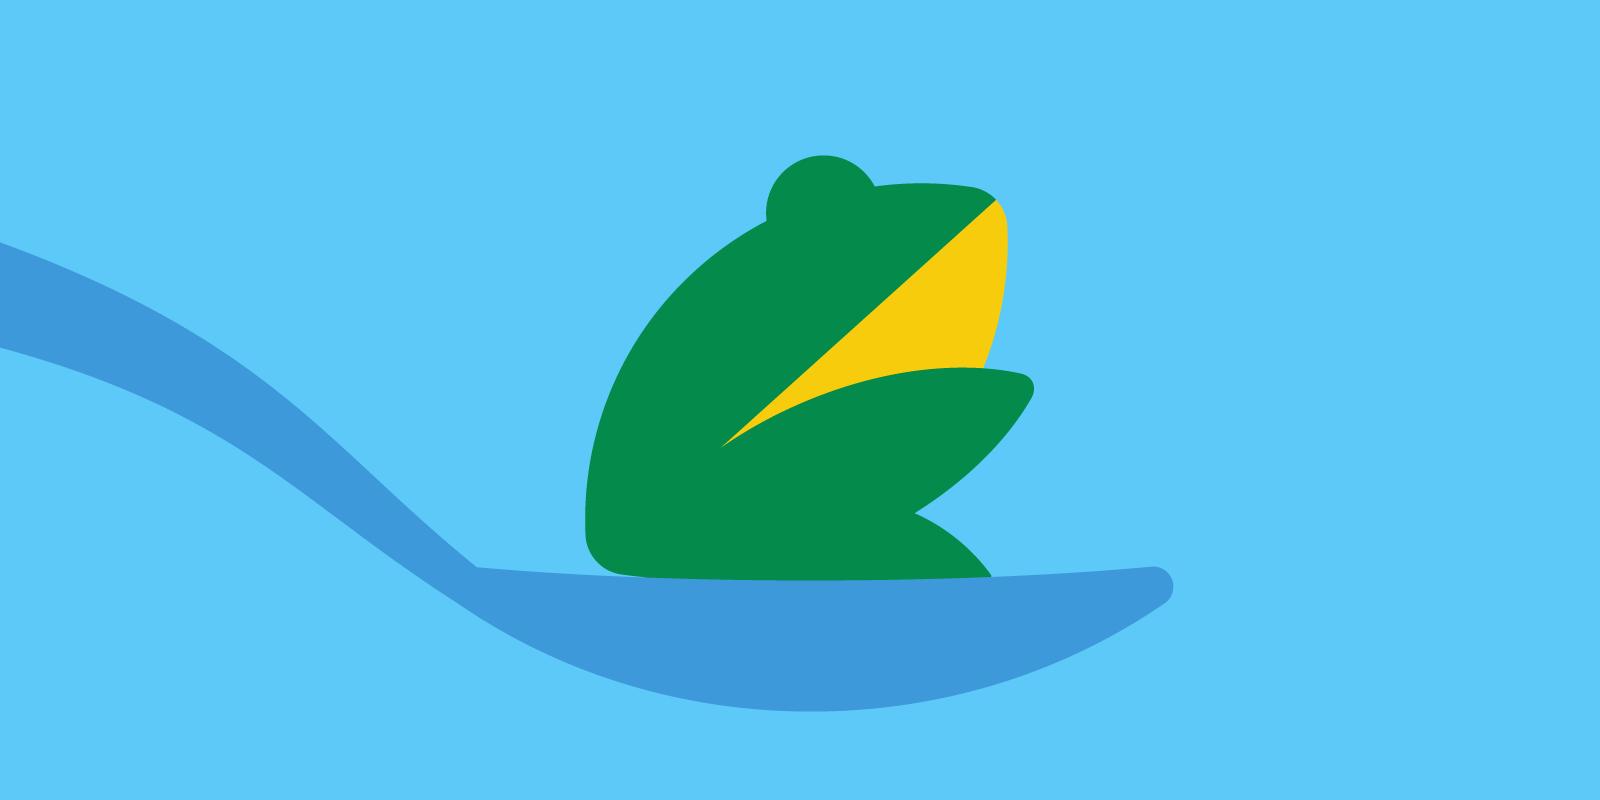 Technique 2: Eat That Frog